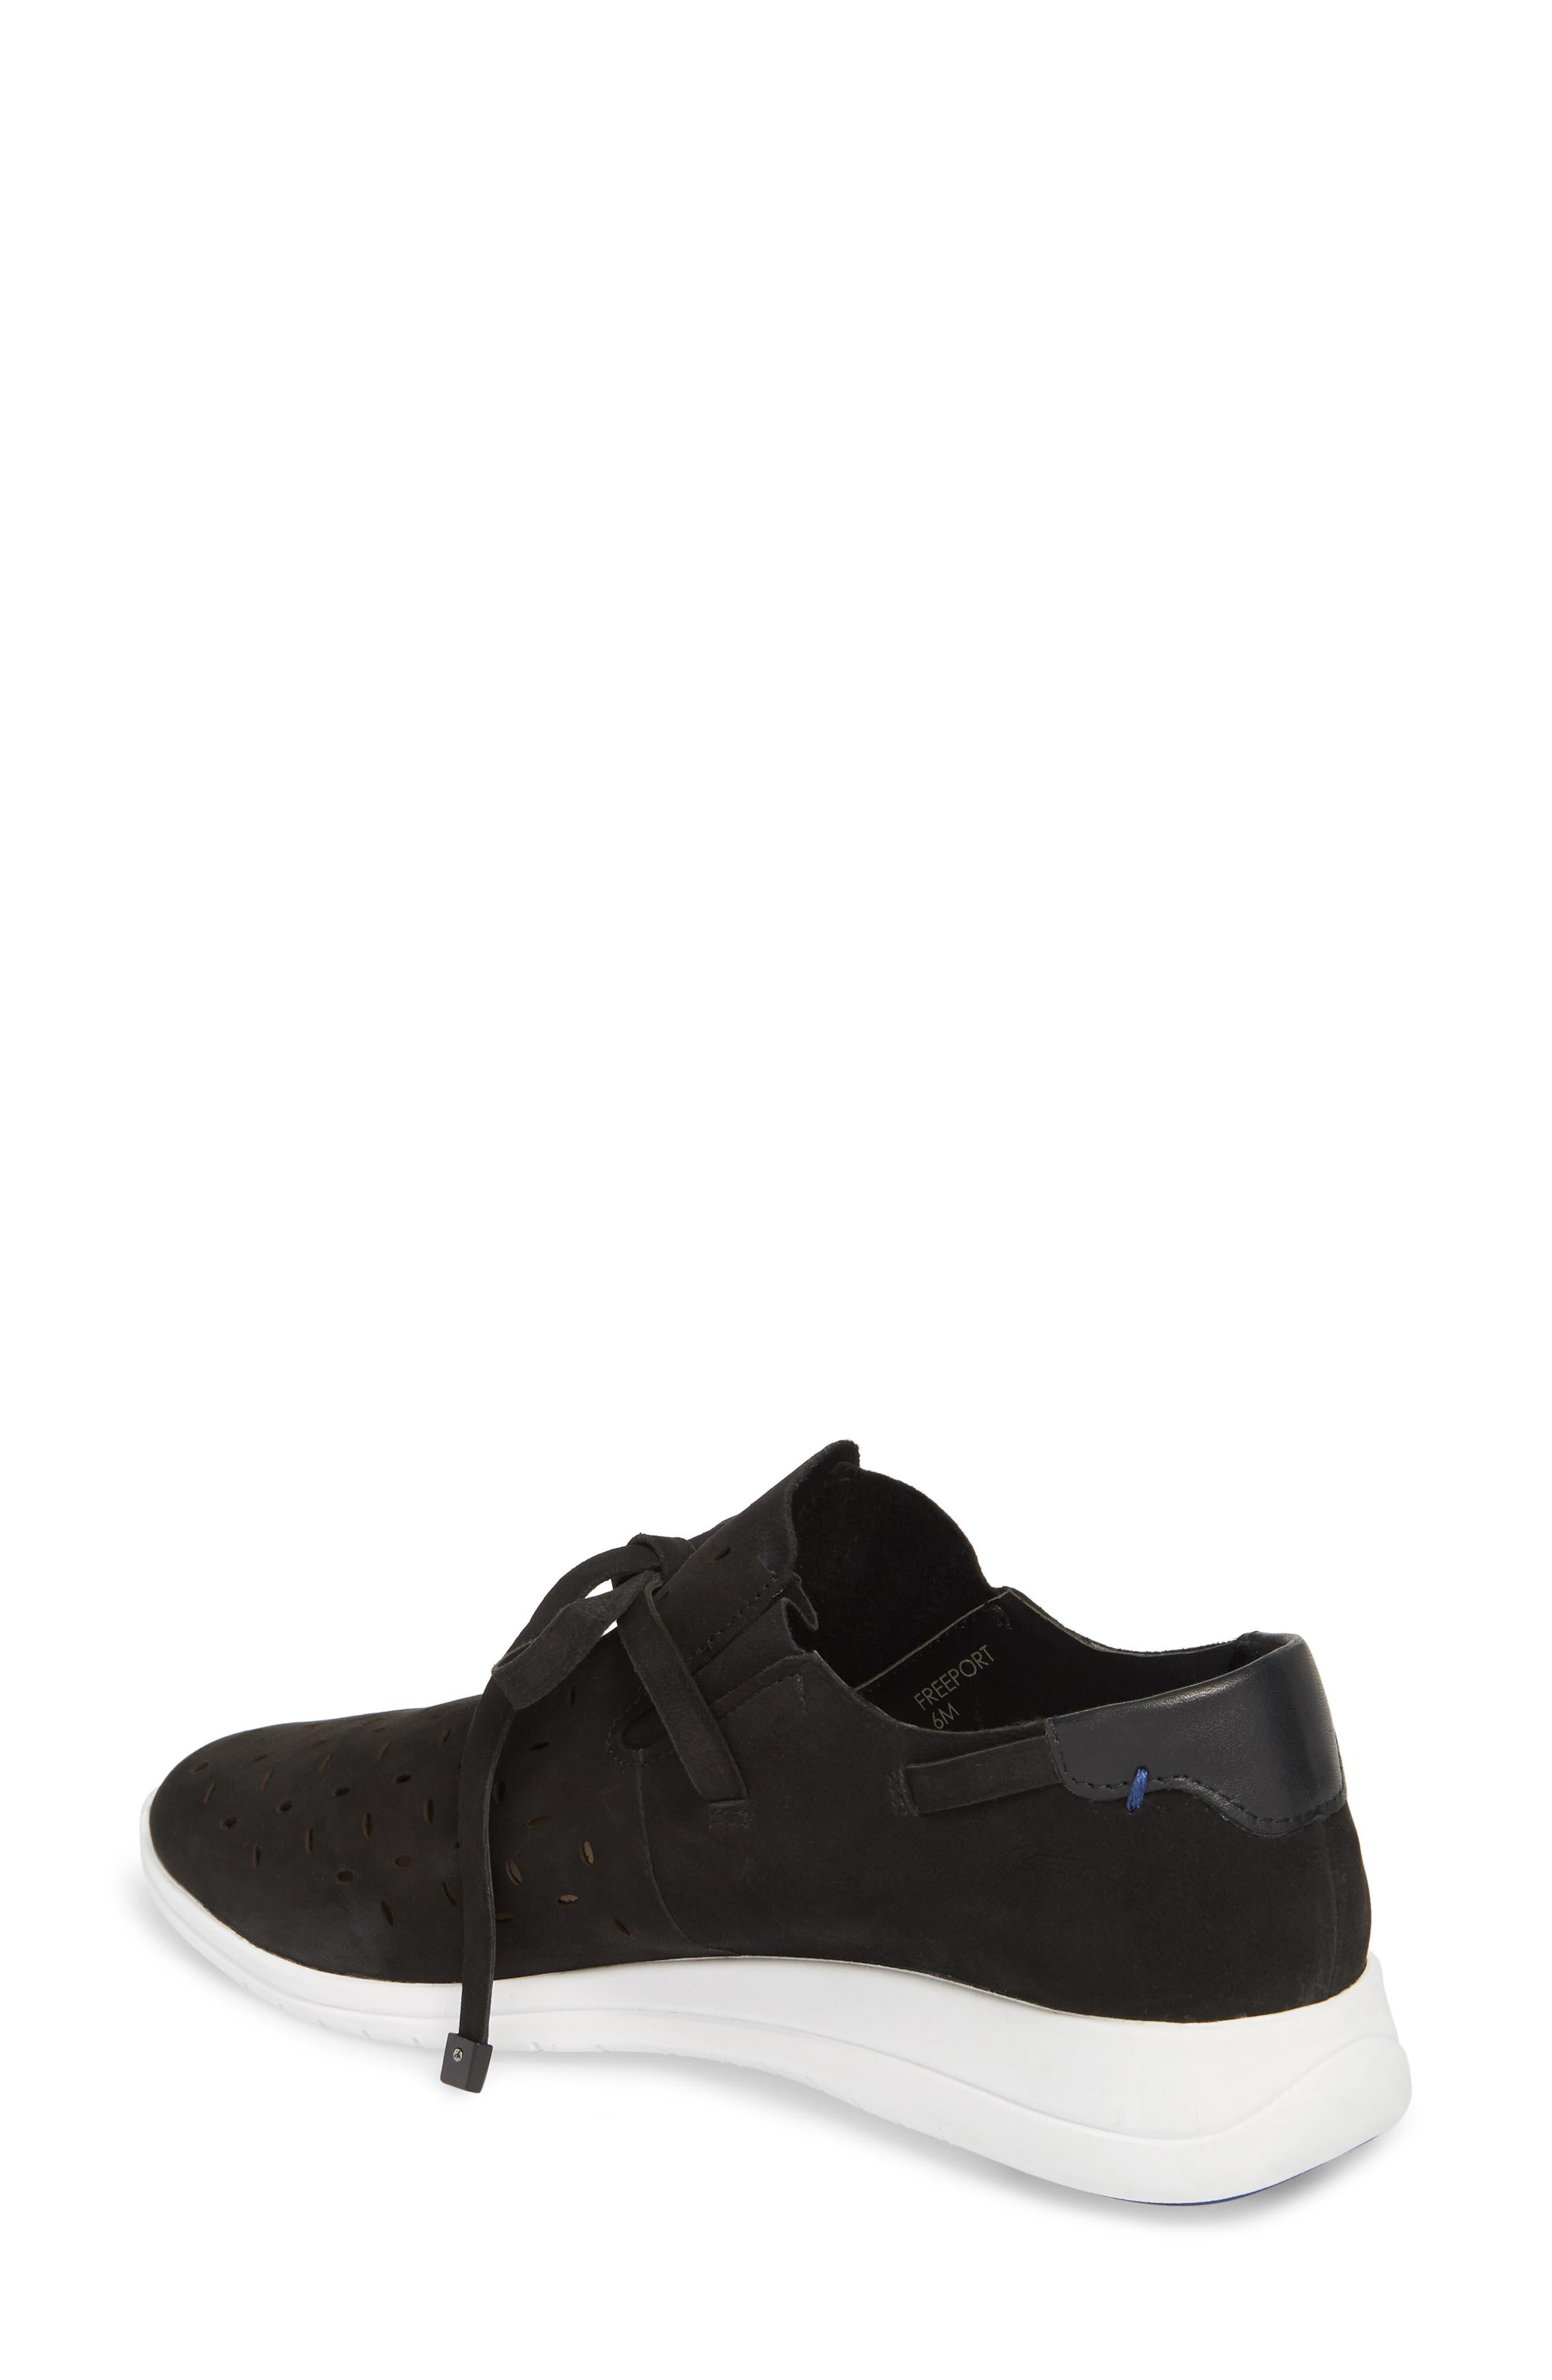 Freeport Sneaker,                             Alternate thumbnail 2, color,                             Black Nubuck